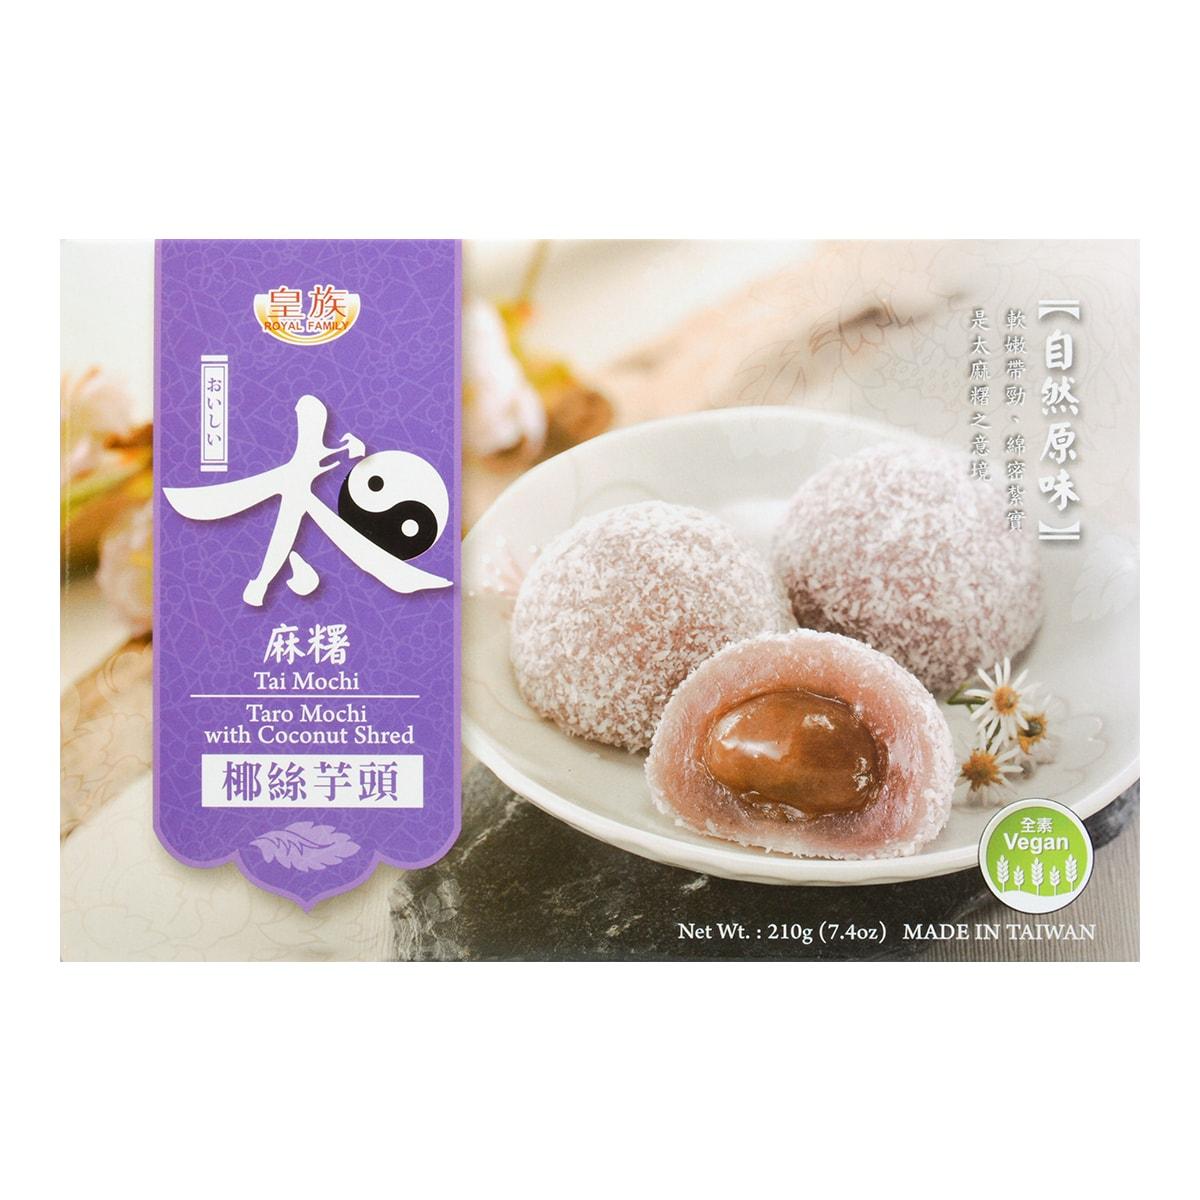 台湾皇族 太麻薯 椰丝芋头味 210g